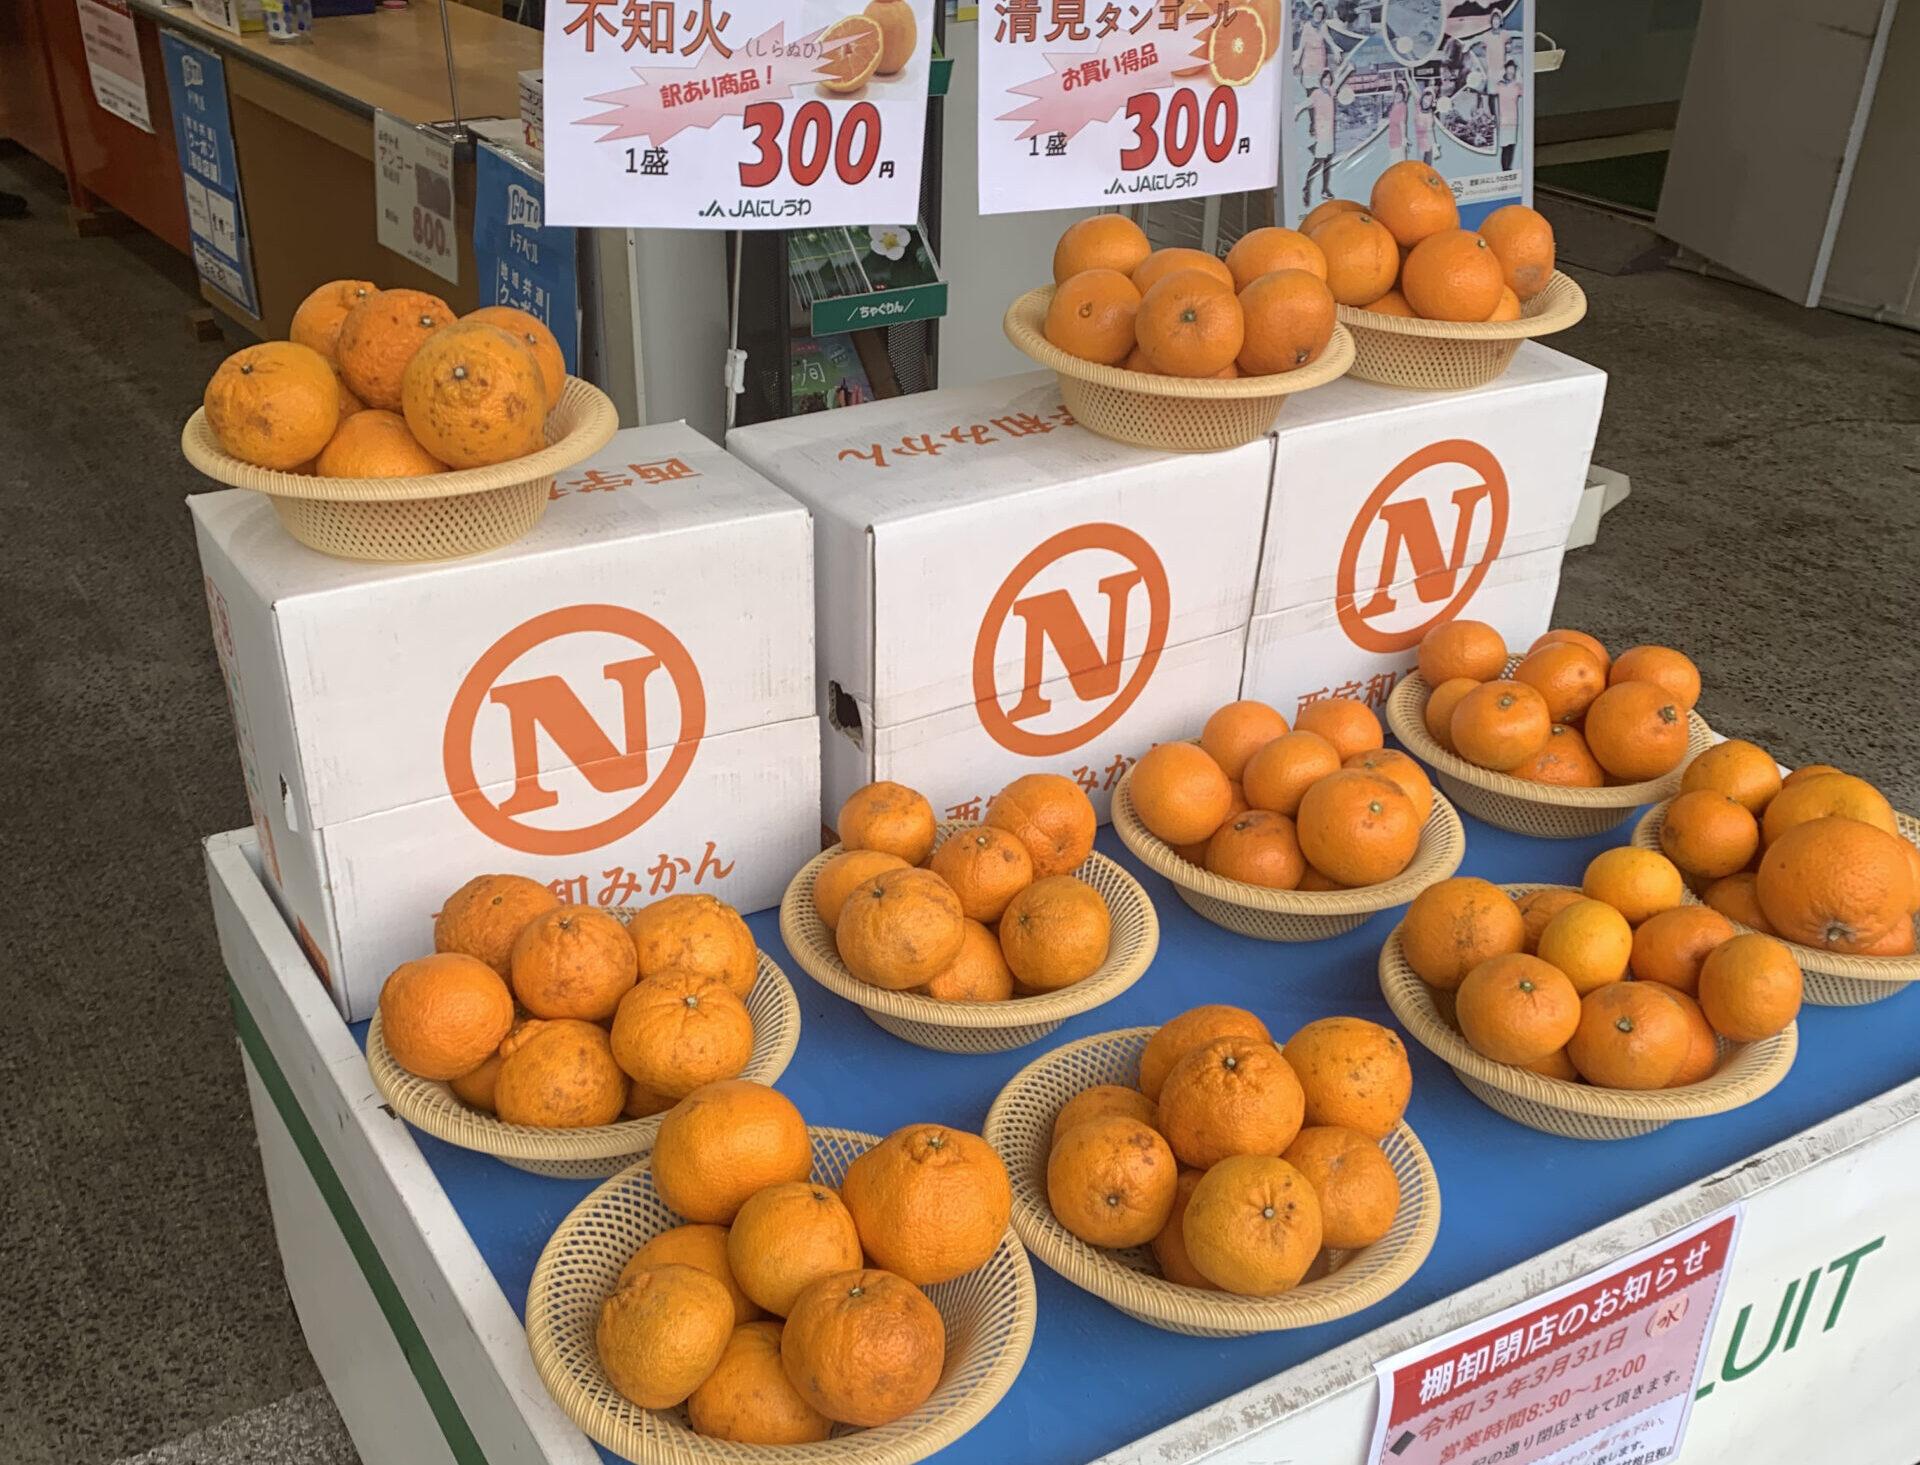 種類が豊富!愛媛・八幡浜でみかんを買うなら「甘柑日和」(かんかんびより)!